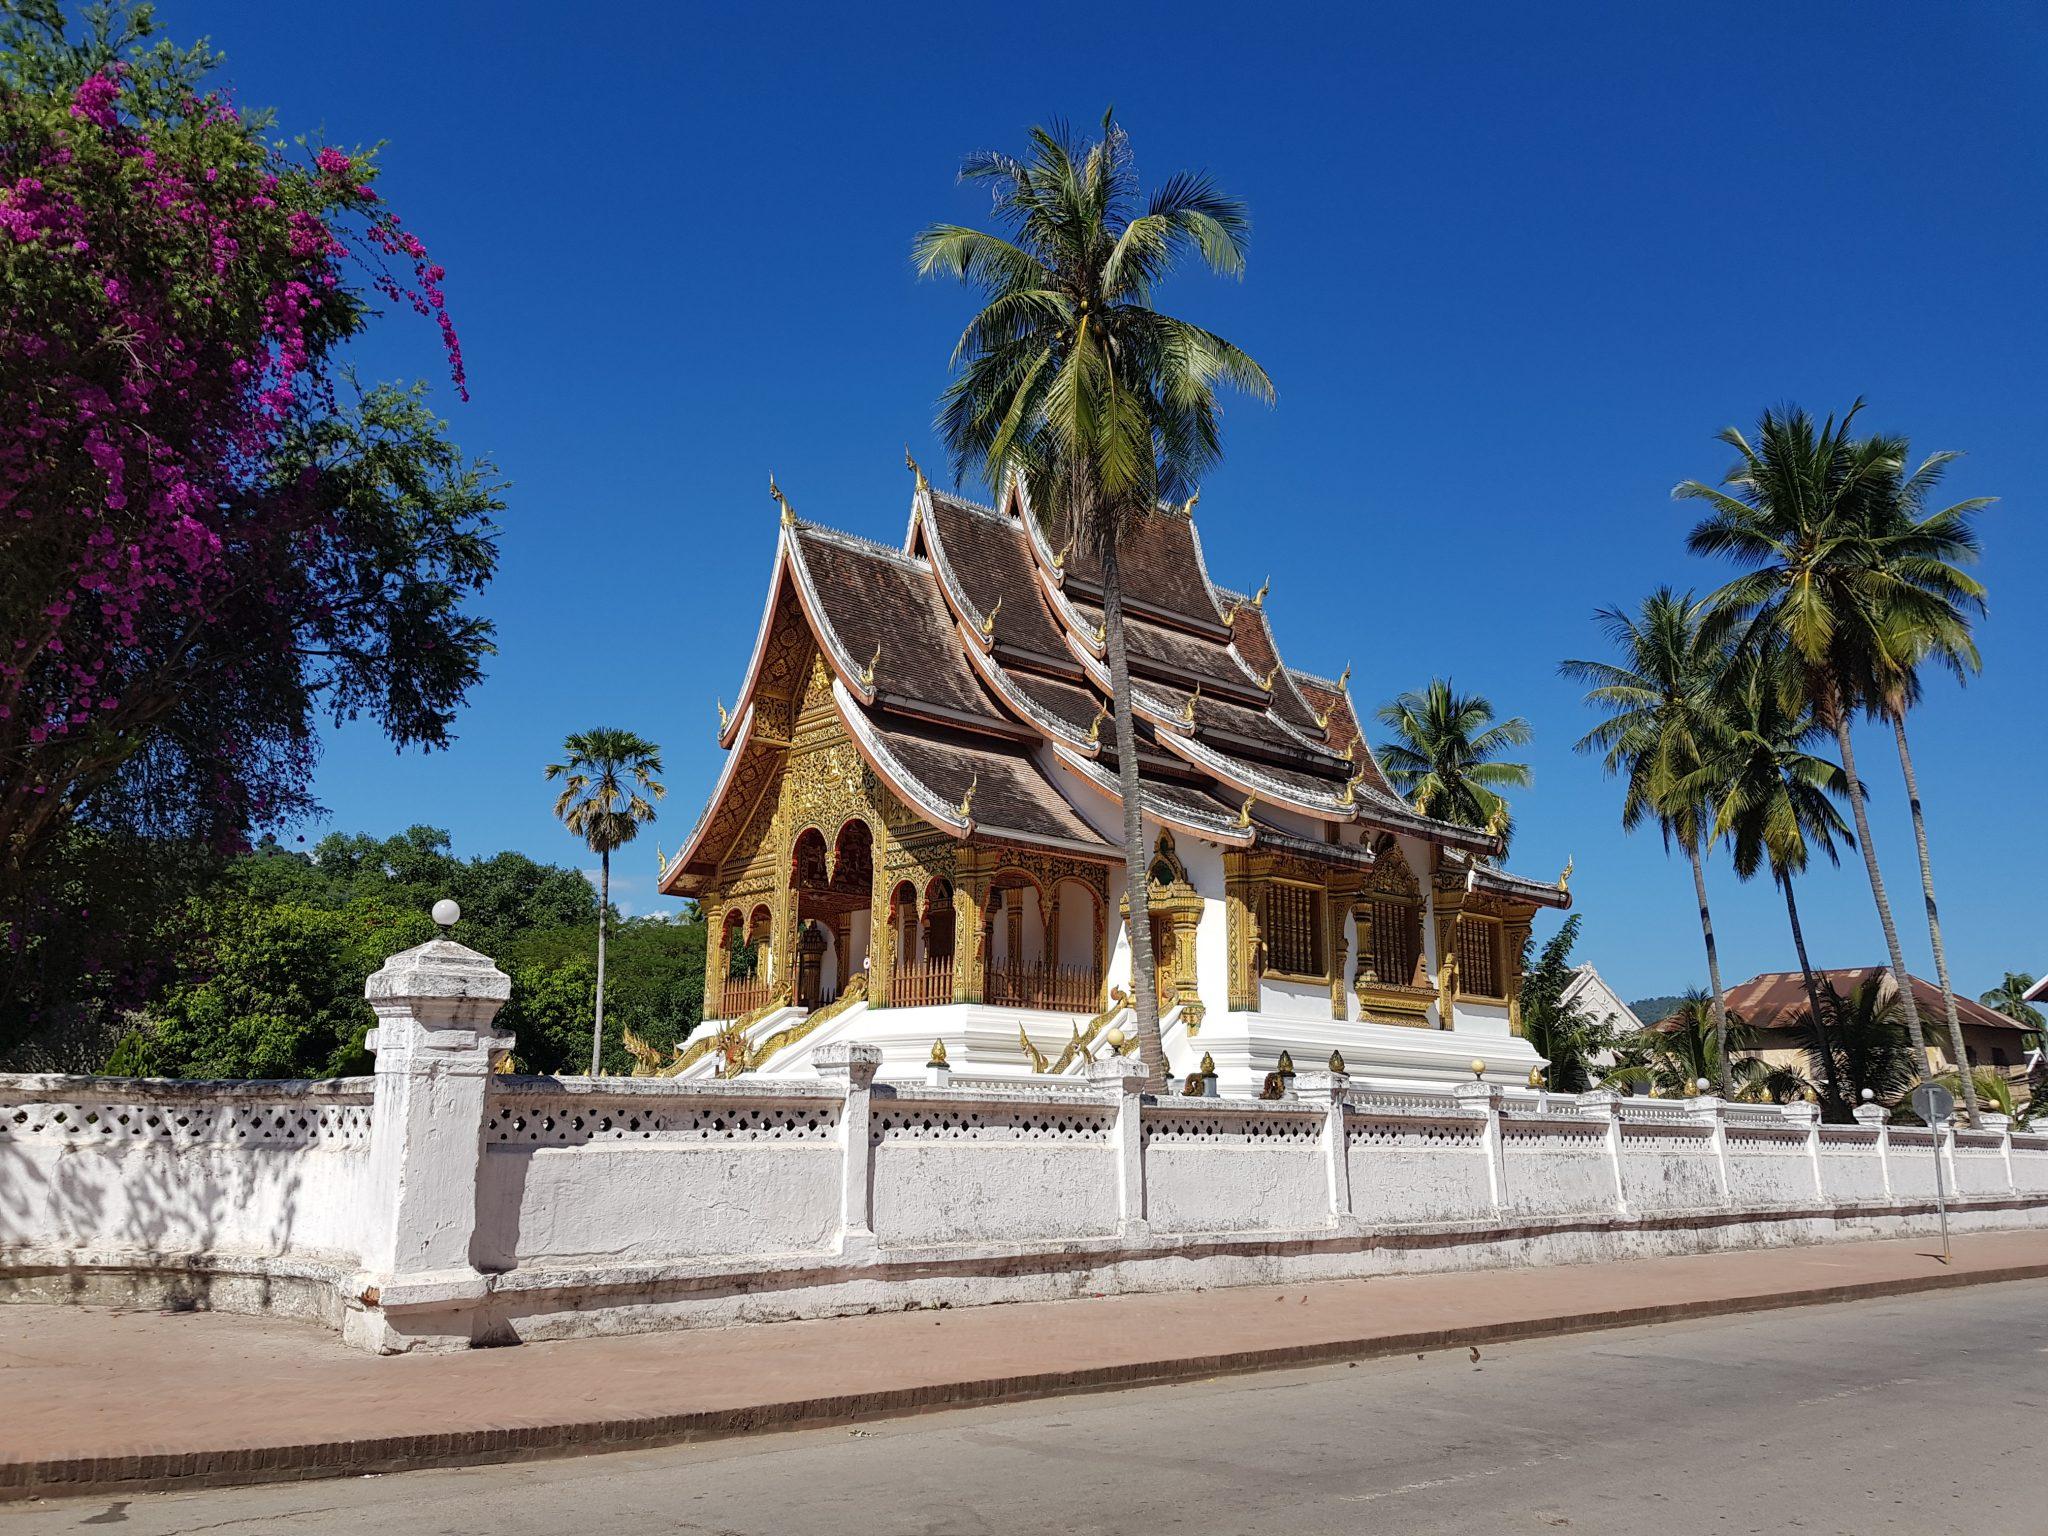 Temple in der alten Hauptstadt Laos (Luang Prabang)